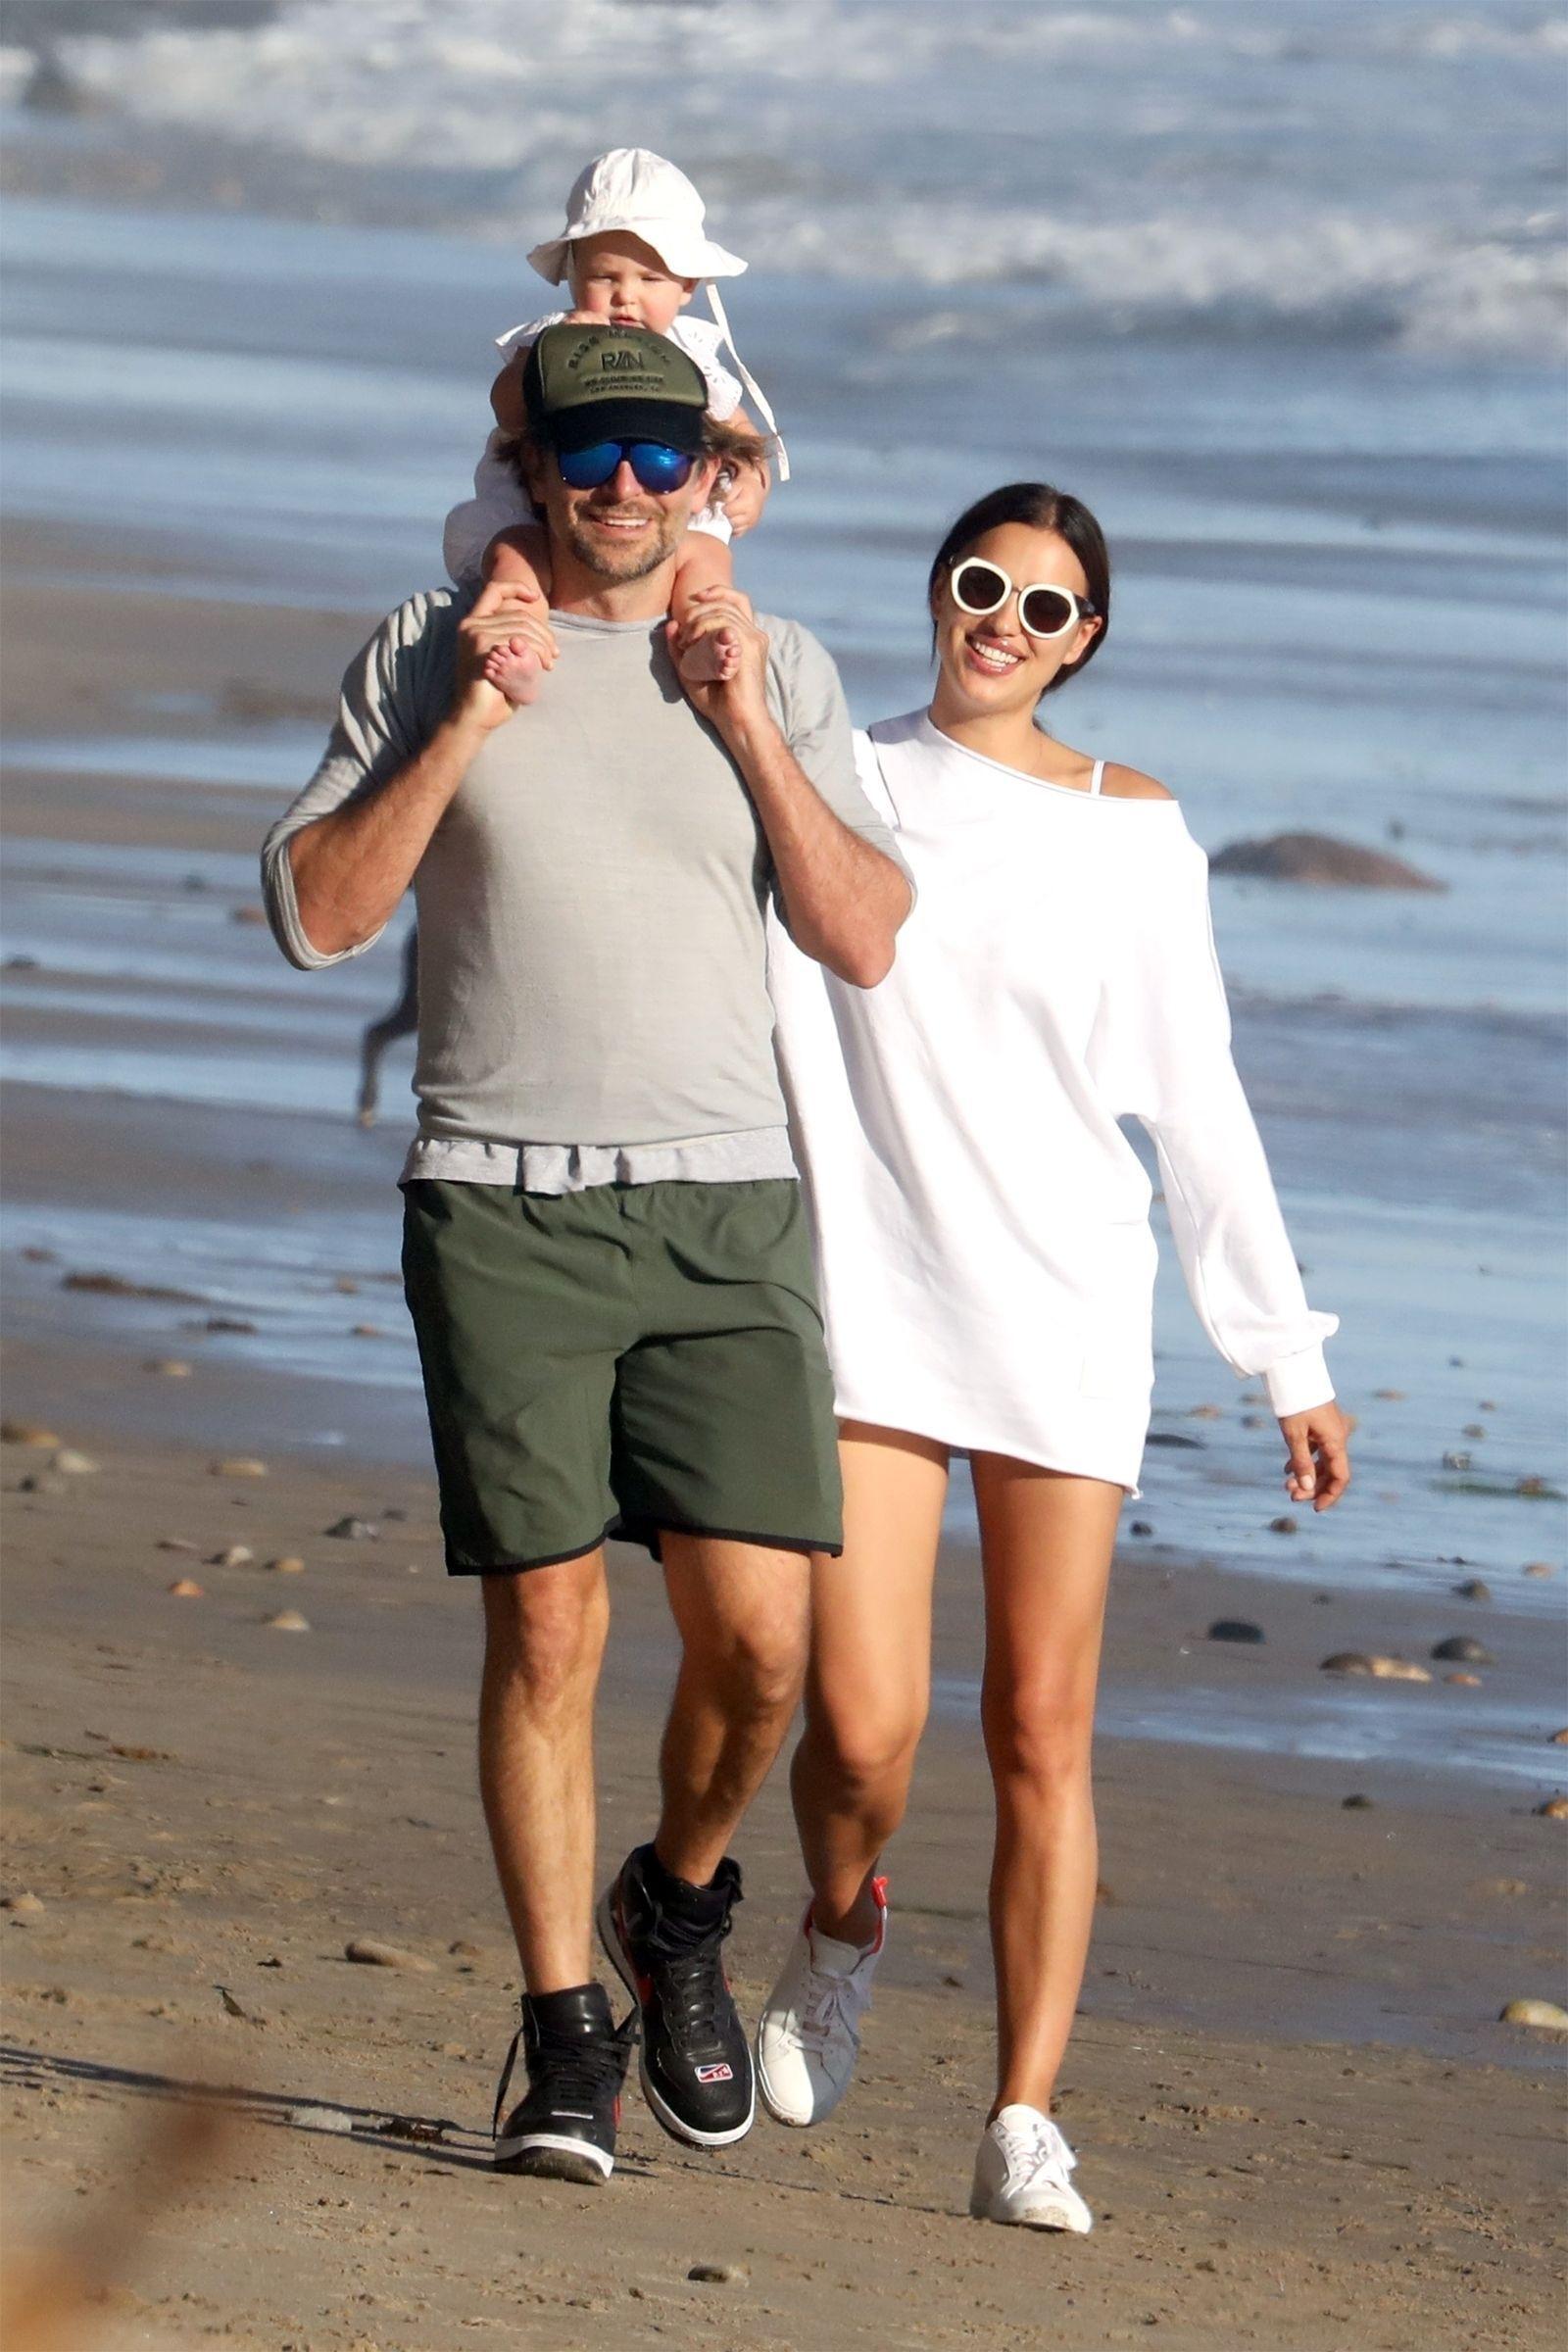 Bradley Cooper, Irina Shayk, and Their Baby Just Had the Cutest Family  Beach Day | Irina shayk style, Irina shayk, Star fashion